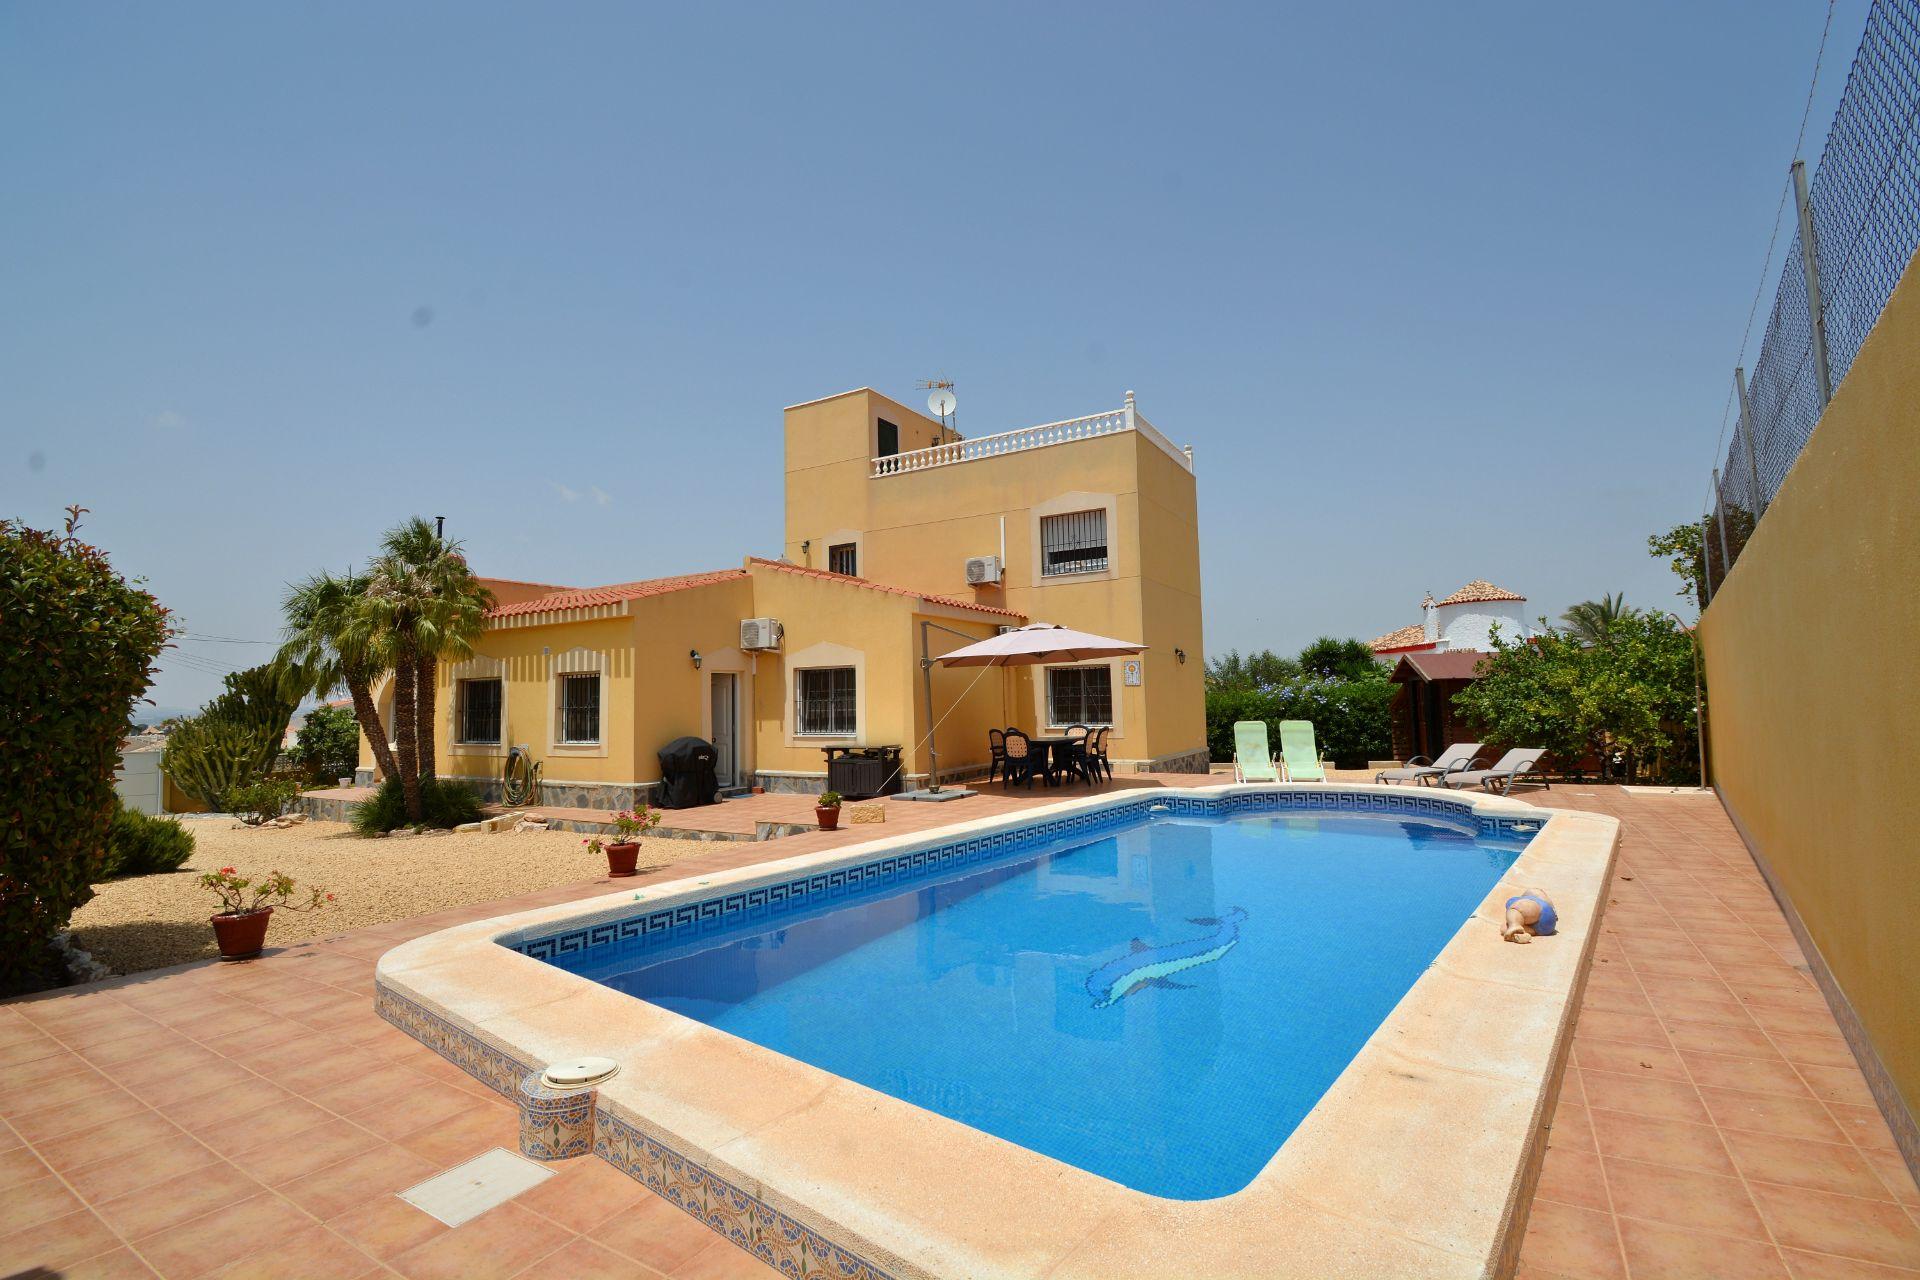 Villa in Torrevieja, EL CHAPARRAL, for sale